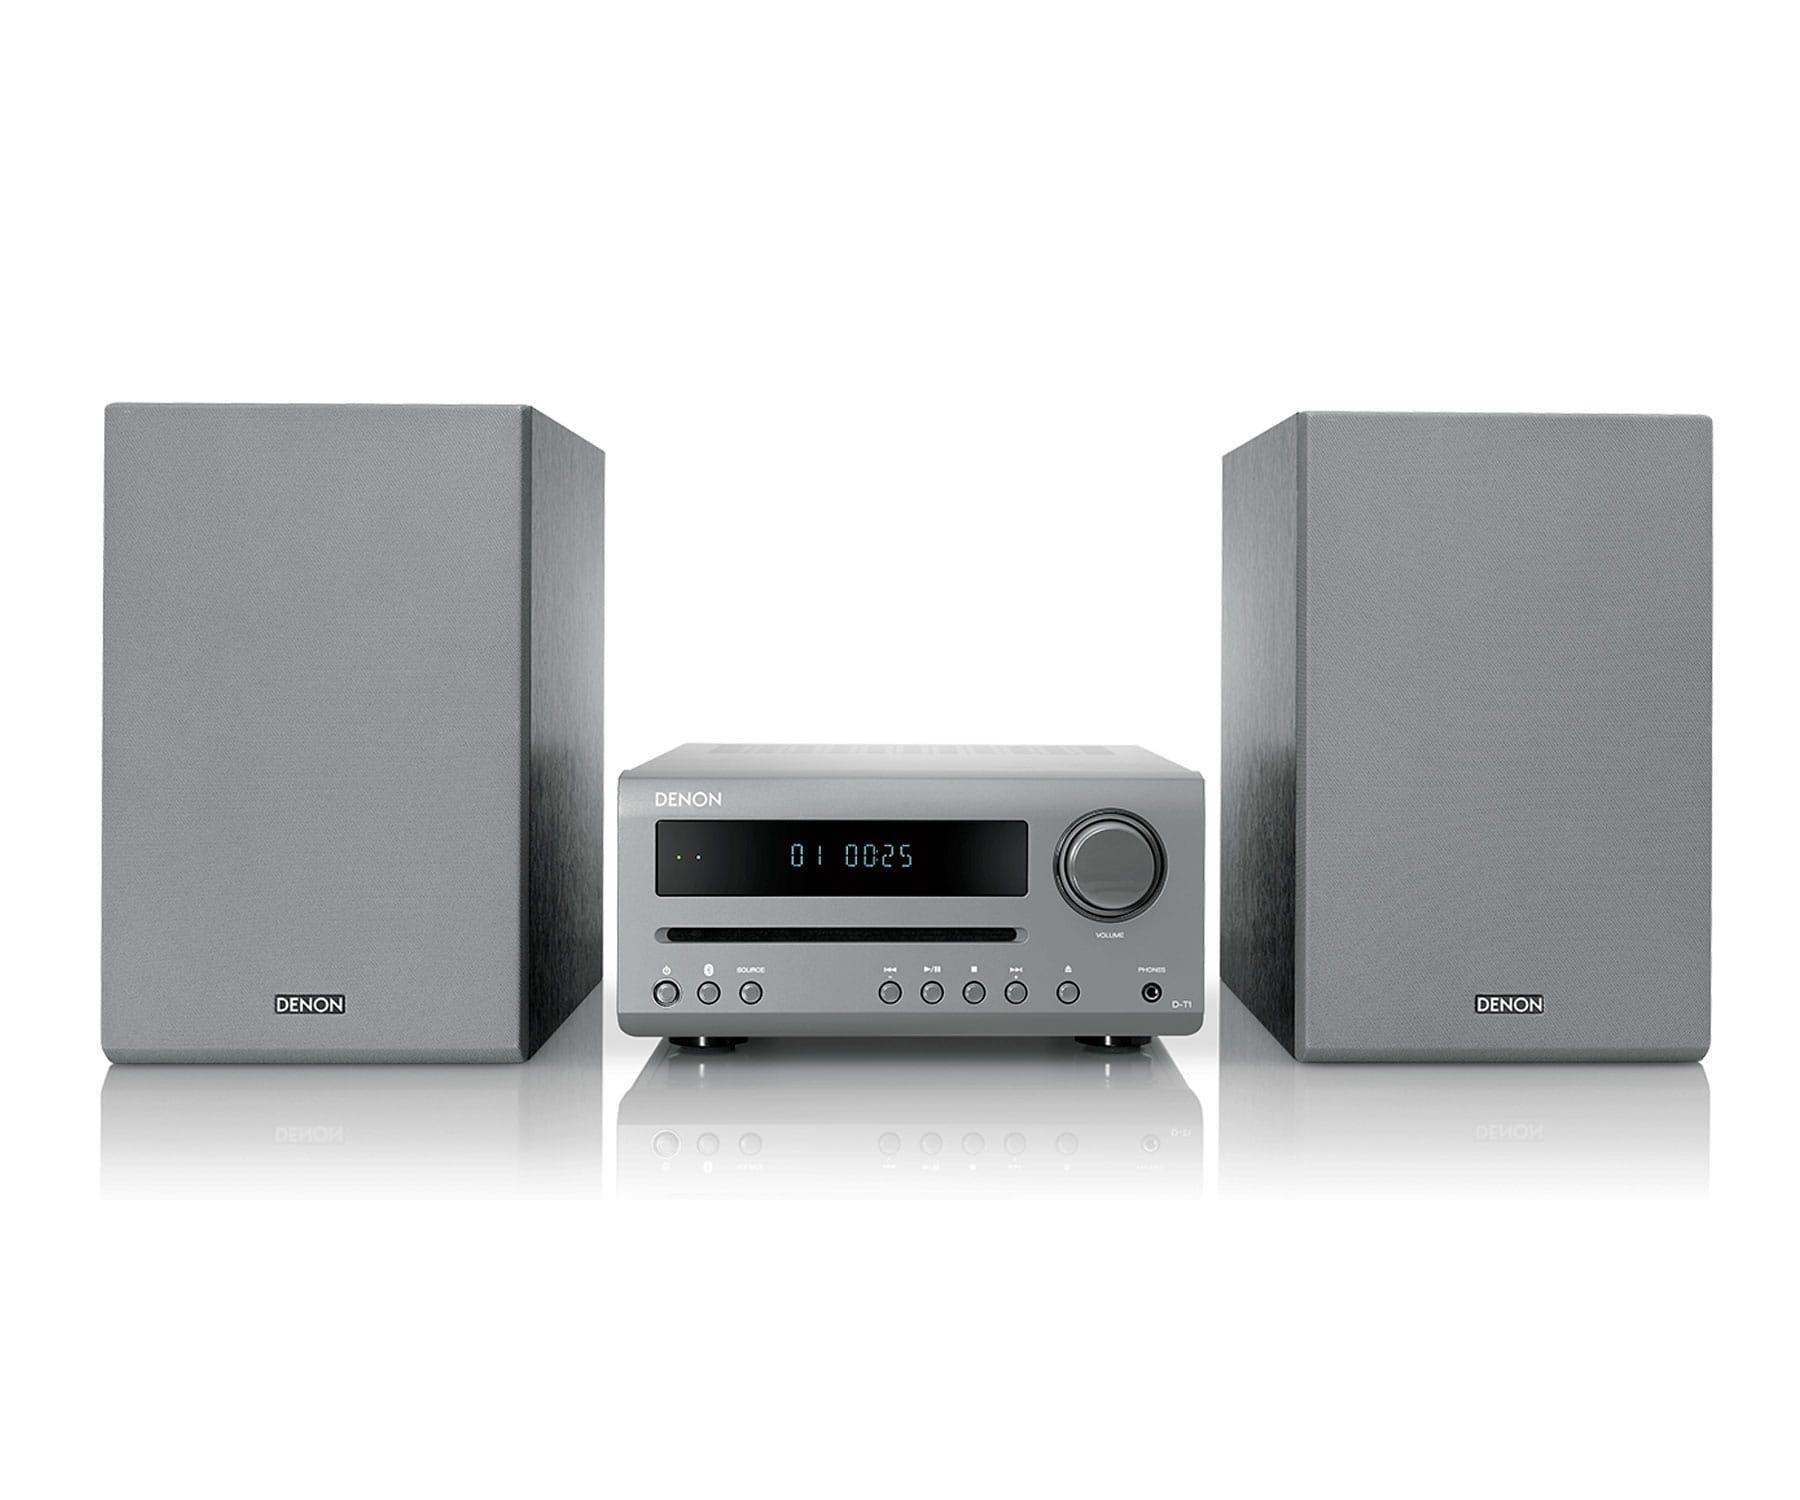 DENON DT1 GY SISTEMA HI-FI 15W CON CONEXIÓN BLUETOOTH, CD Y FM/AM